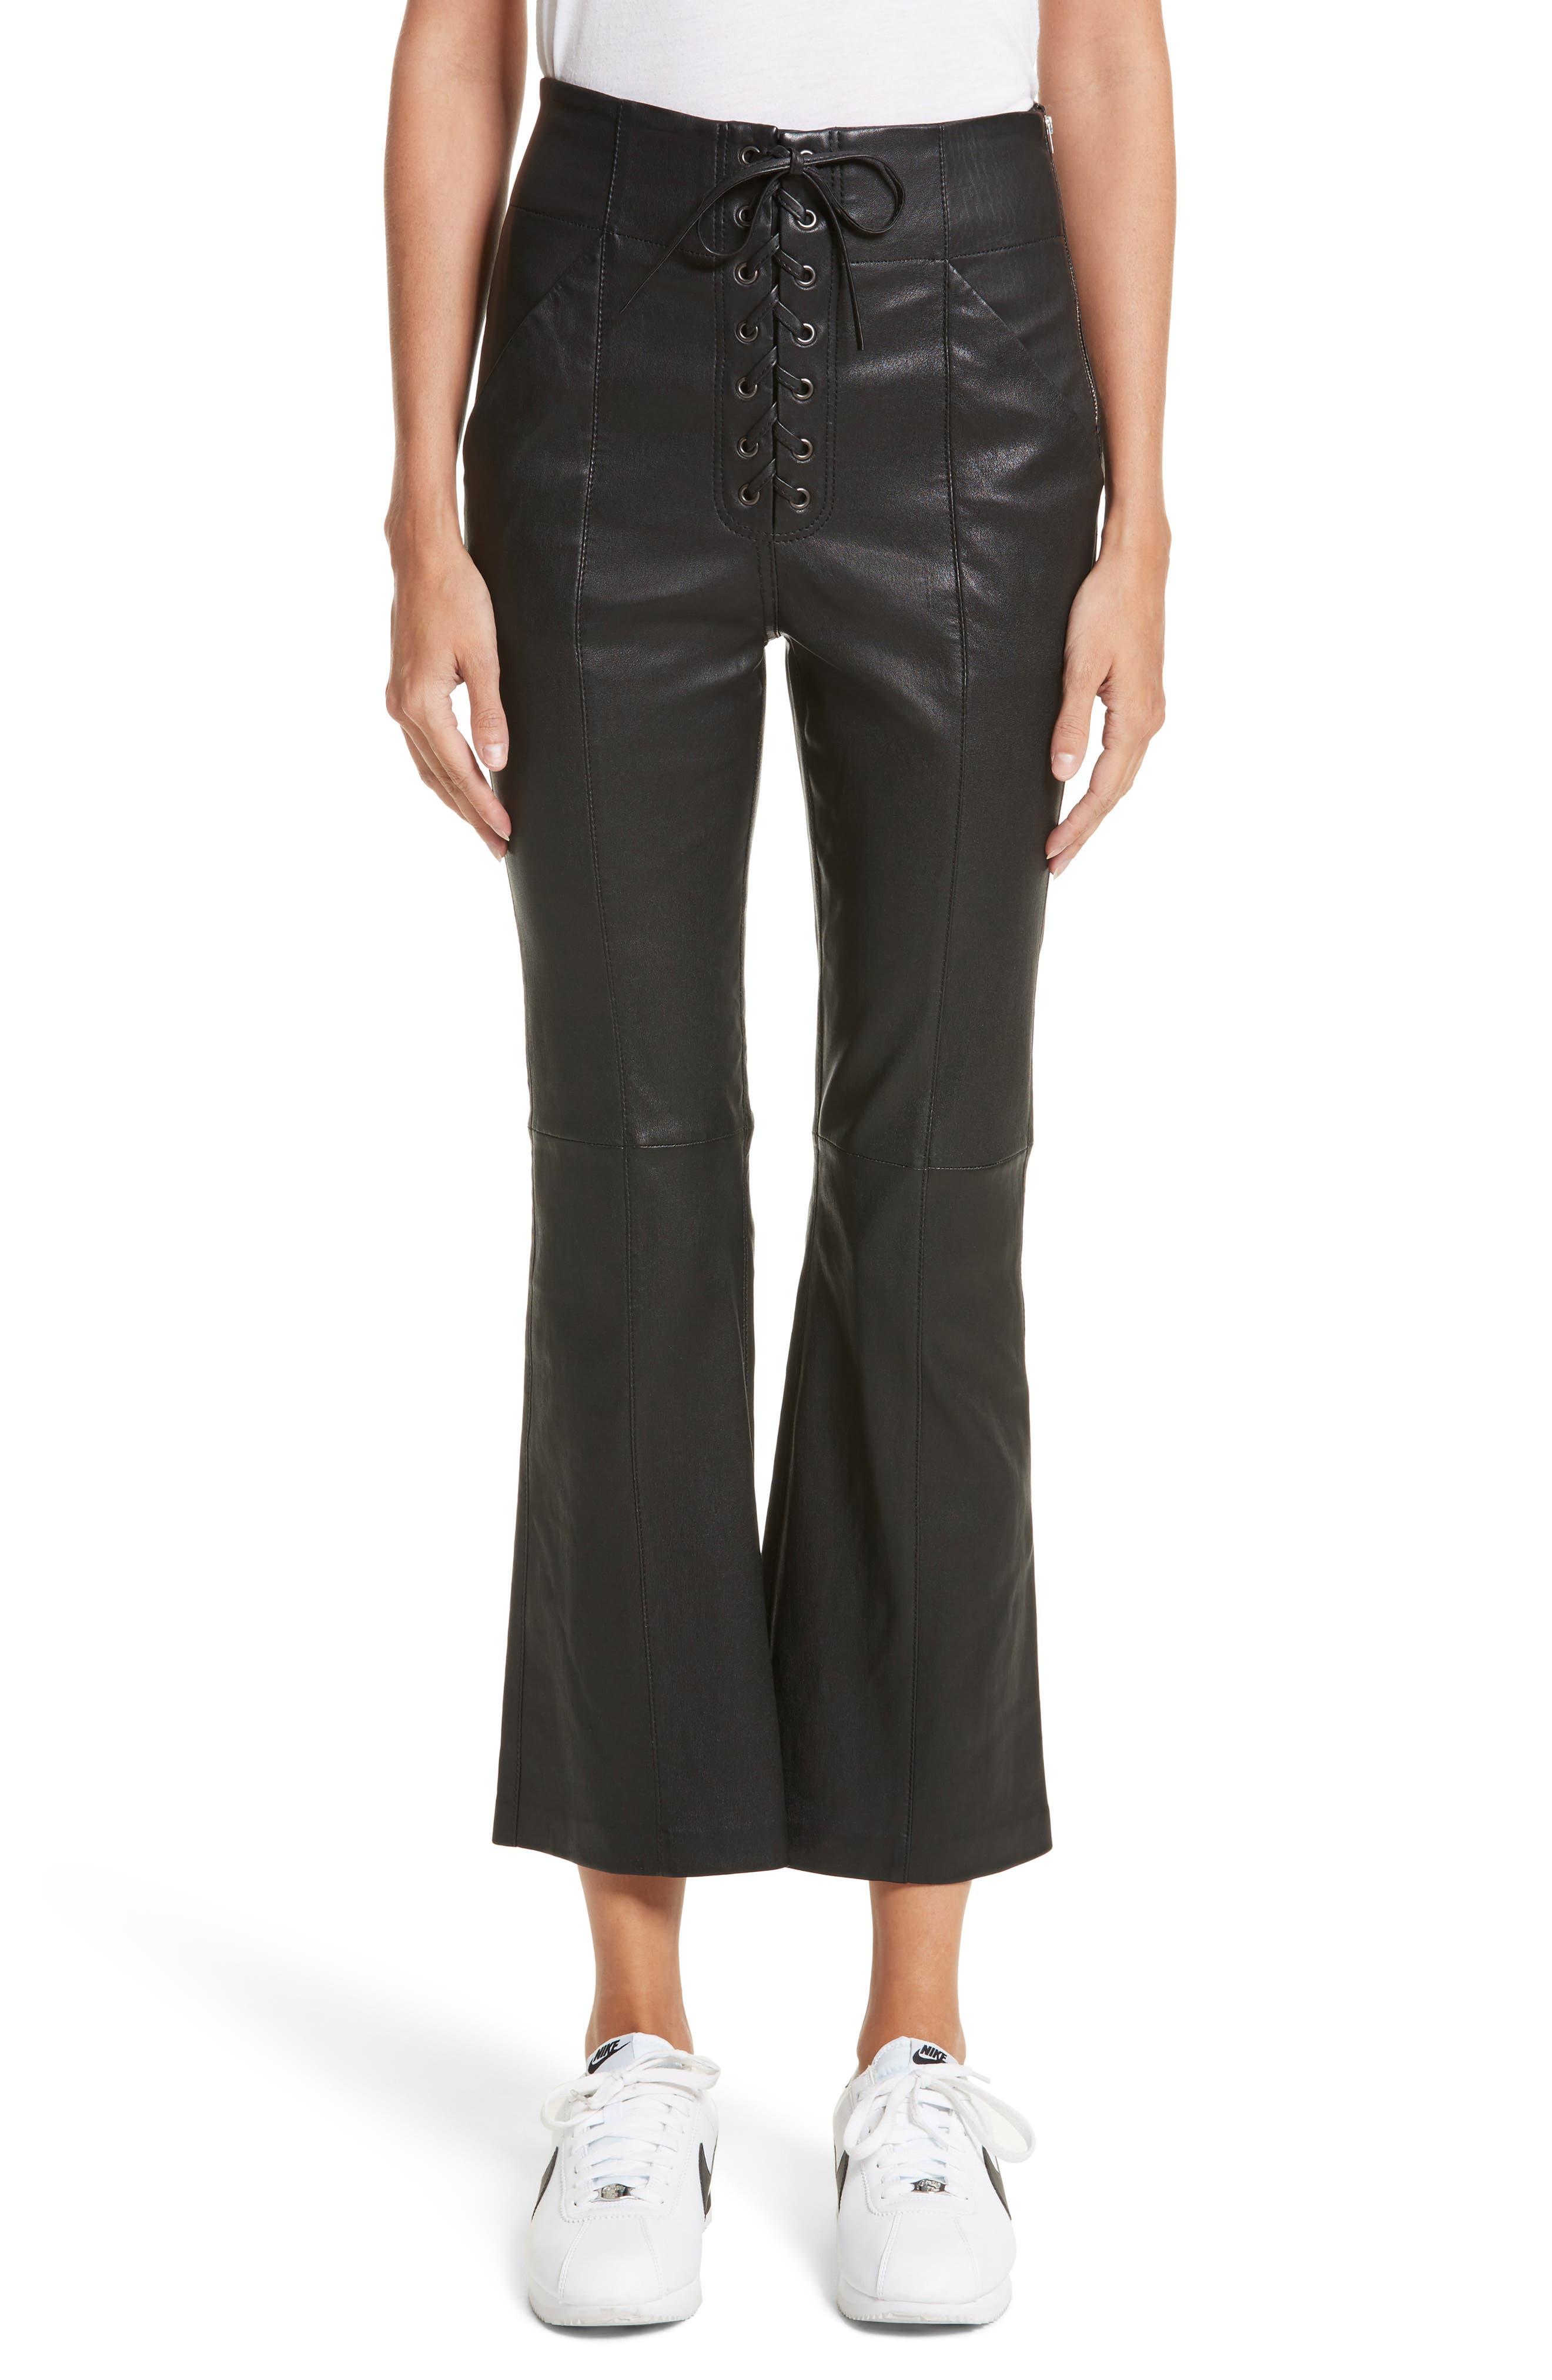 Delia Lace Up Leather Pants,                         Main,                         color, 001